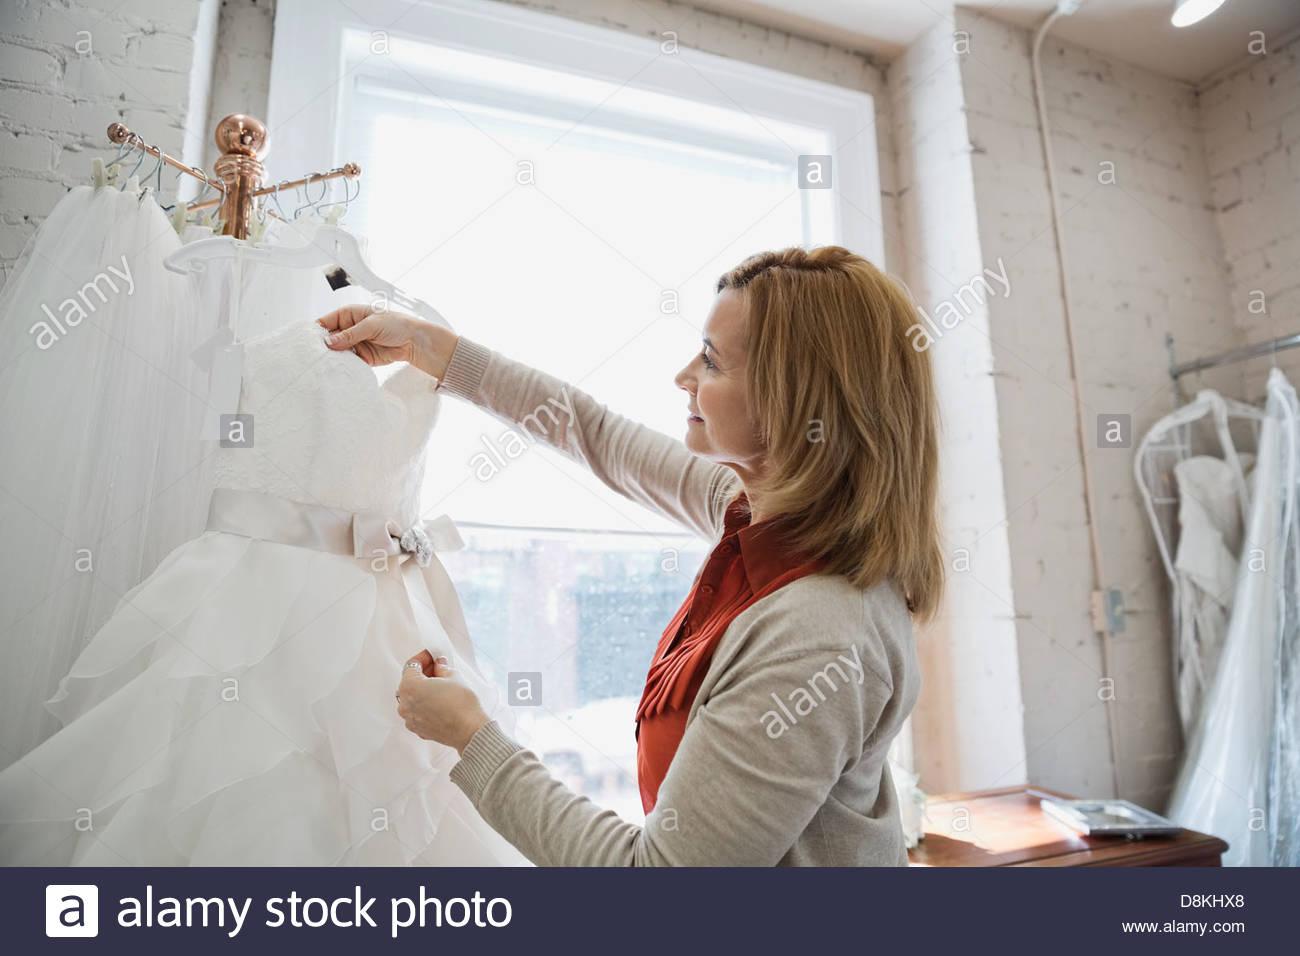 Woman shopping at bridal store - Stock Image